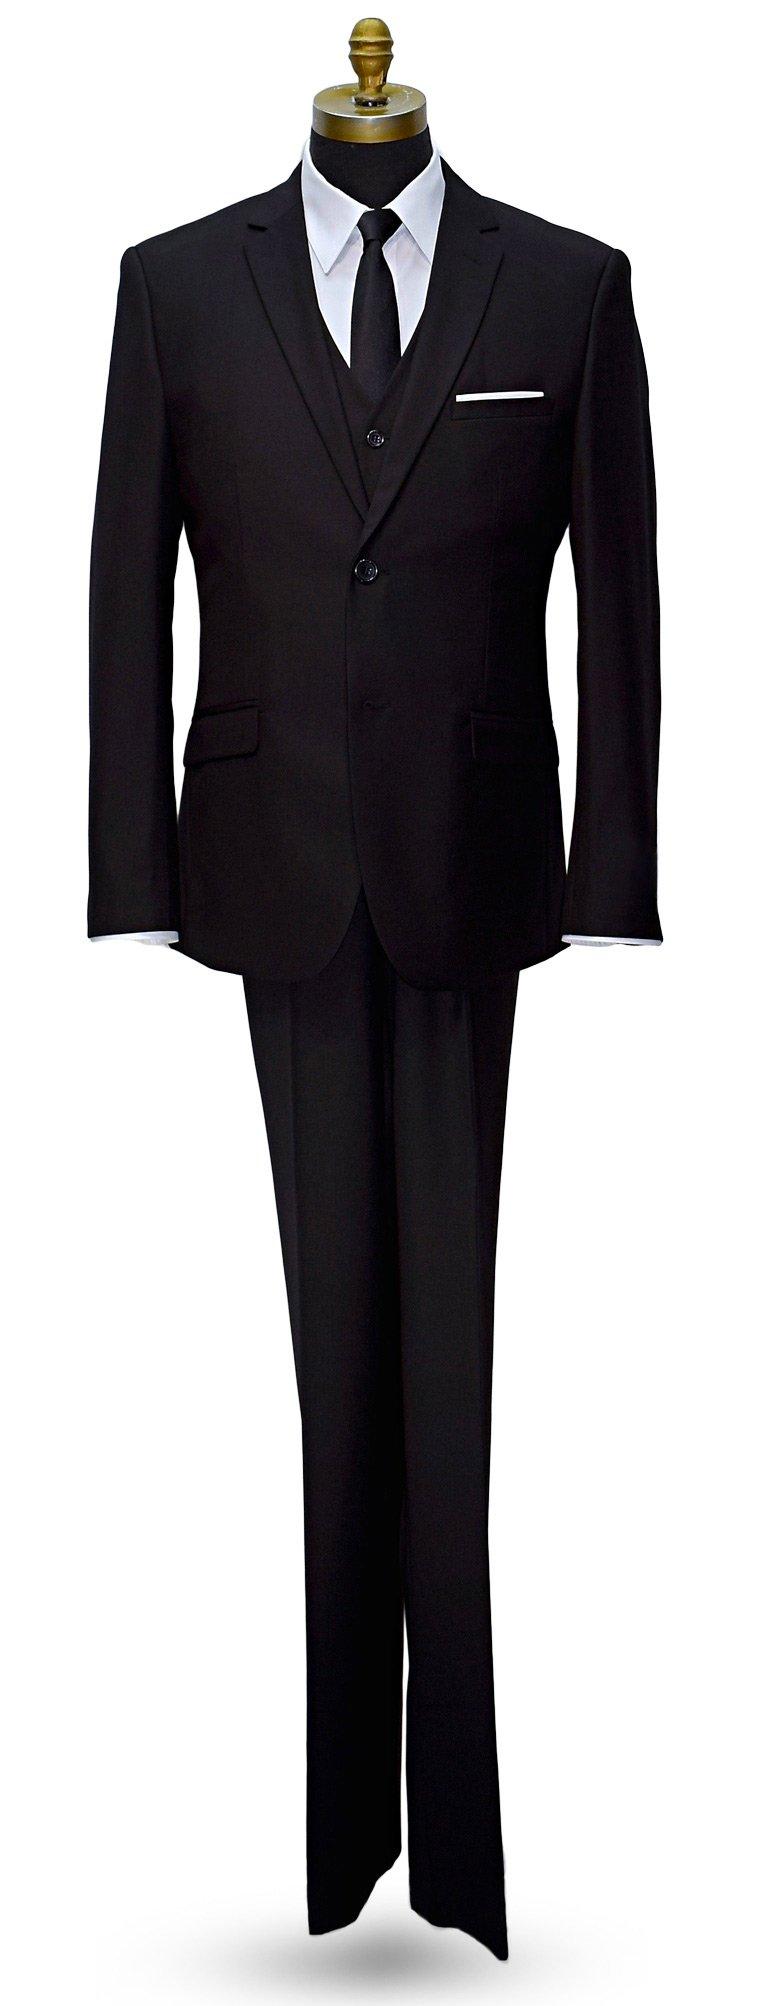 Black Slim Fit Suit, 3 Piece, Coat Pants and Vest